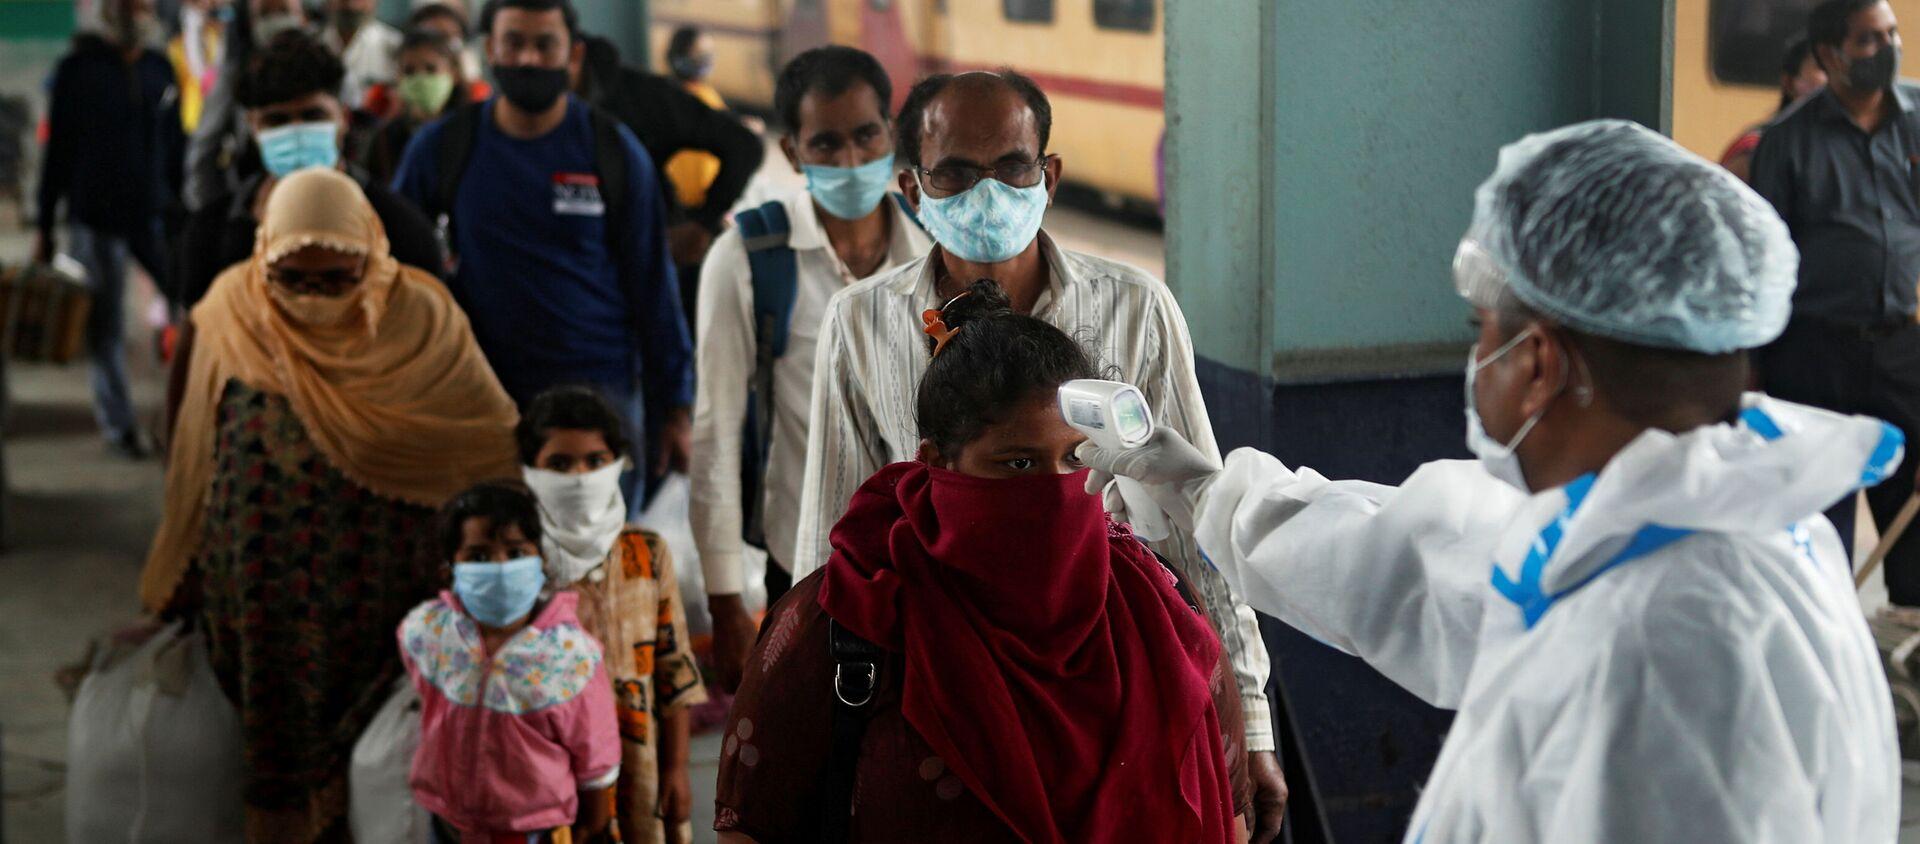 Un trabajador de la salud revisa la temperatura de los pasajeros en una estación de tren de Mumbai, la India. - Sputnik Mundo, 1920, 12.12.2020